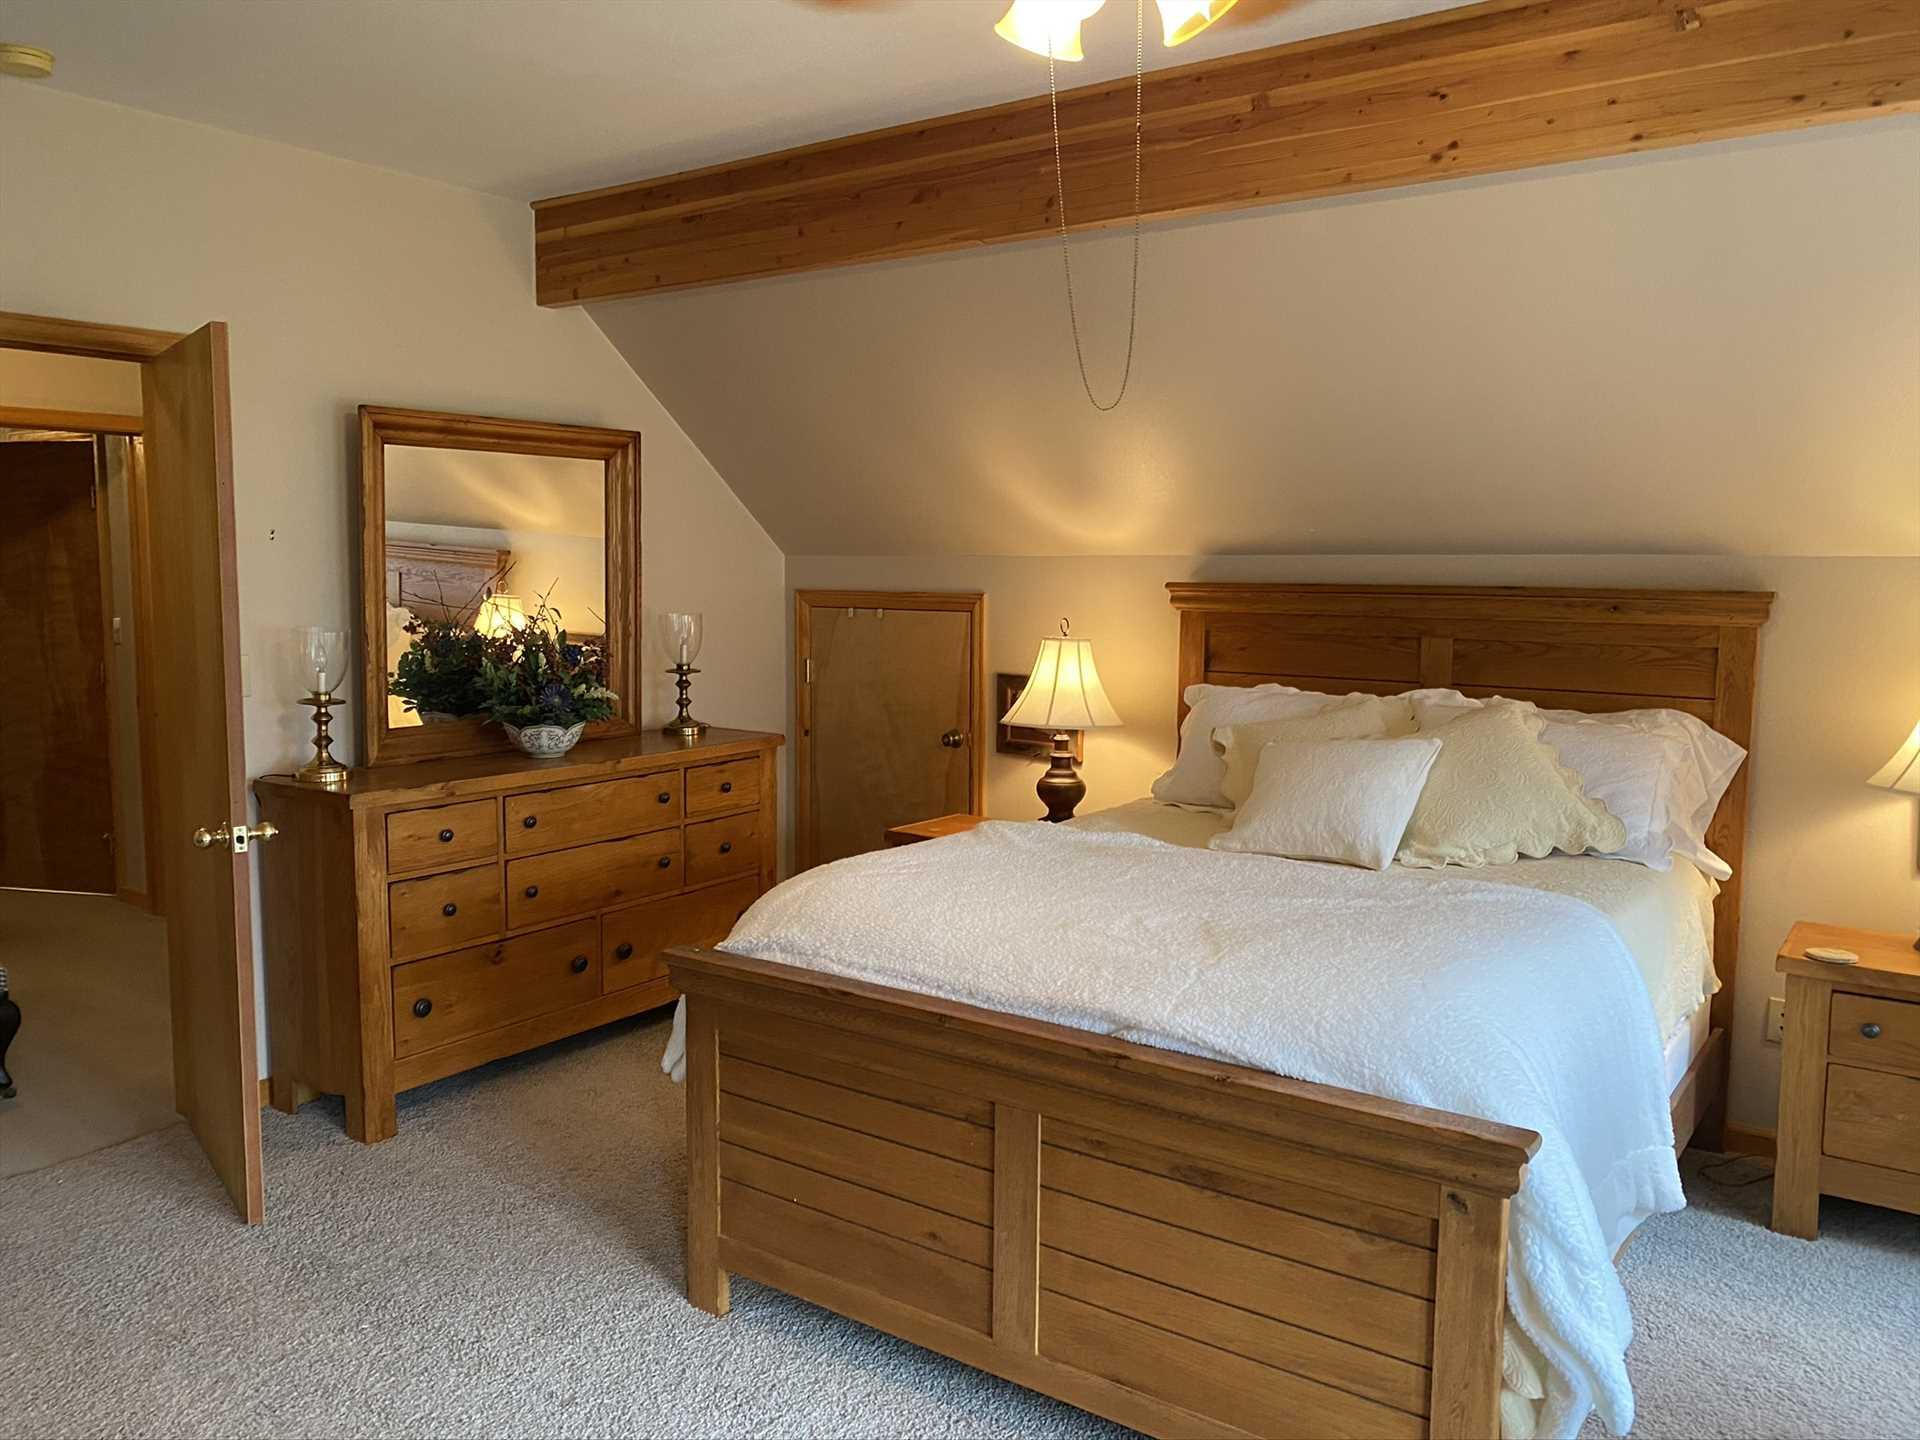 Master Bedroom - Upstairs - Queen